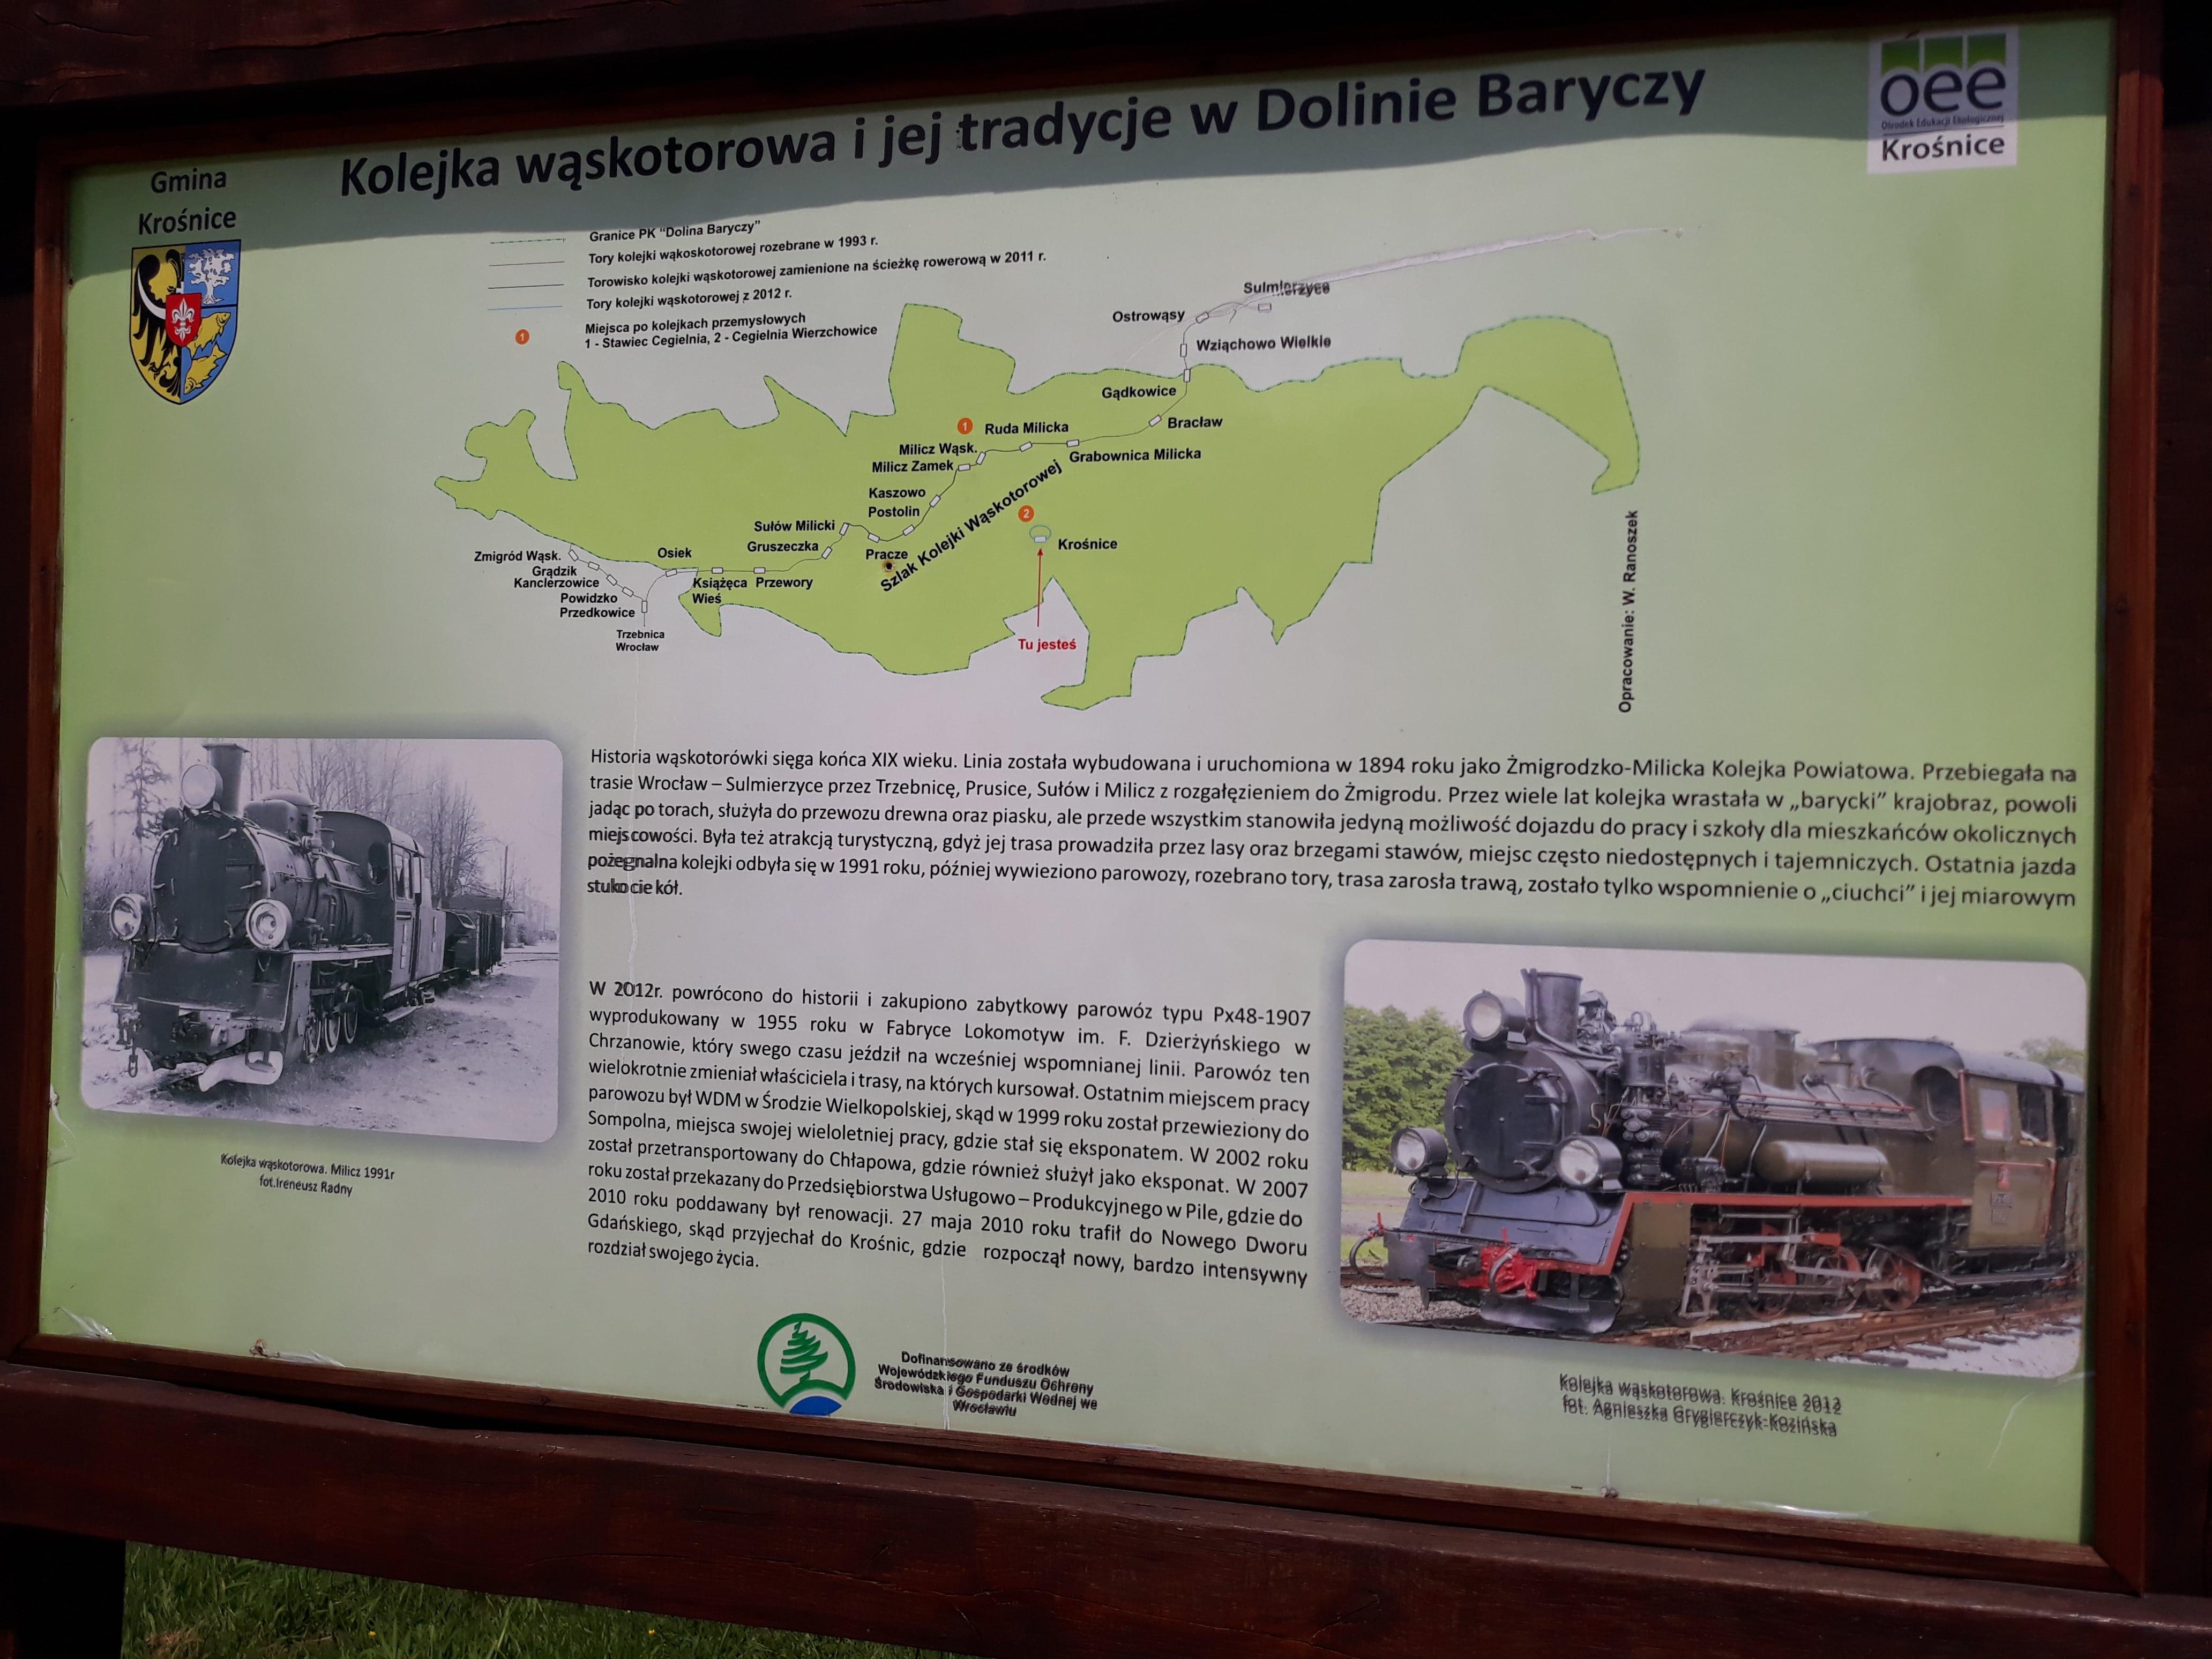 krosnicka-kolej-waskotorowa